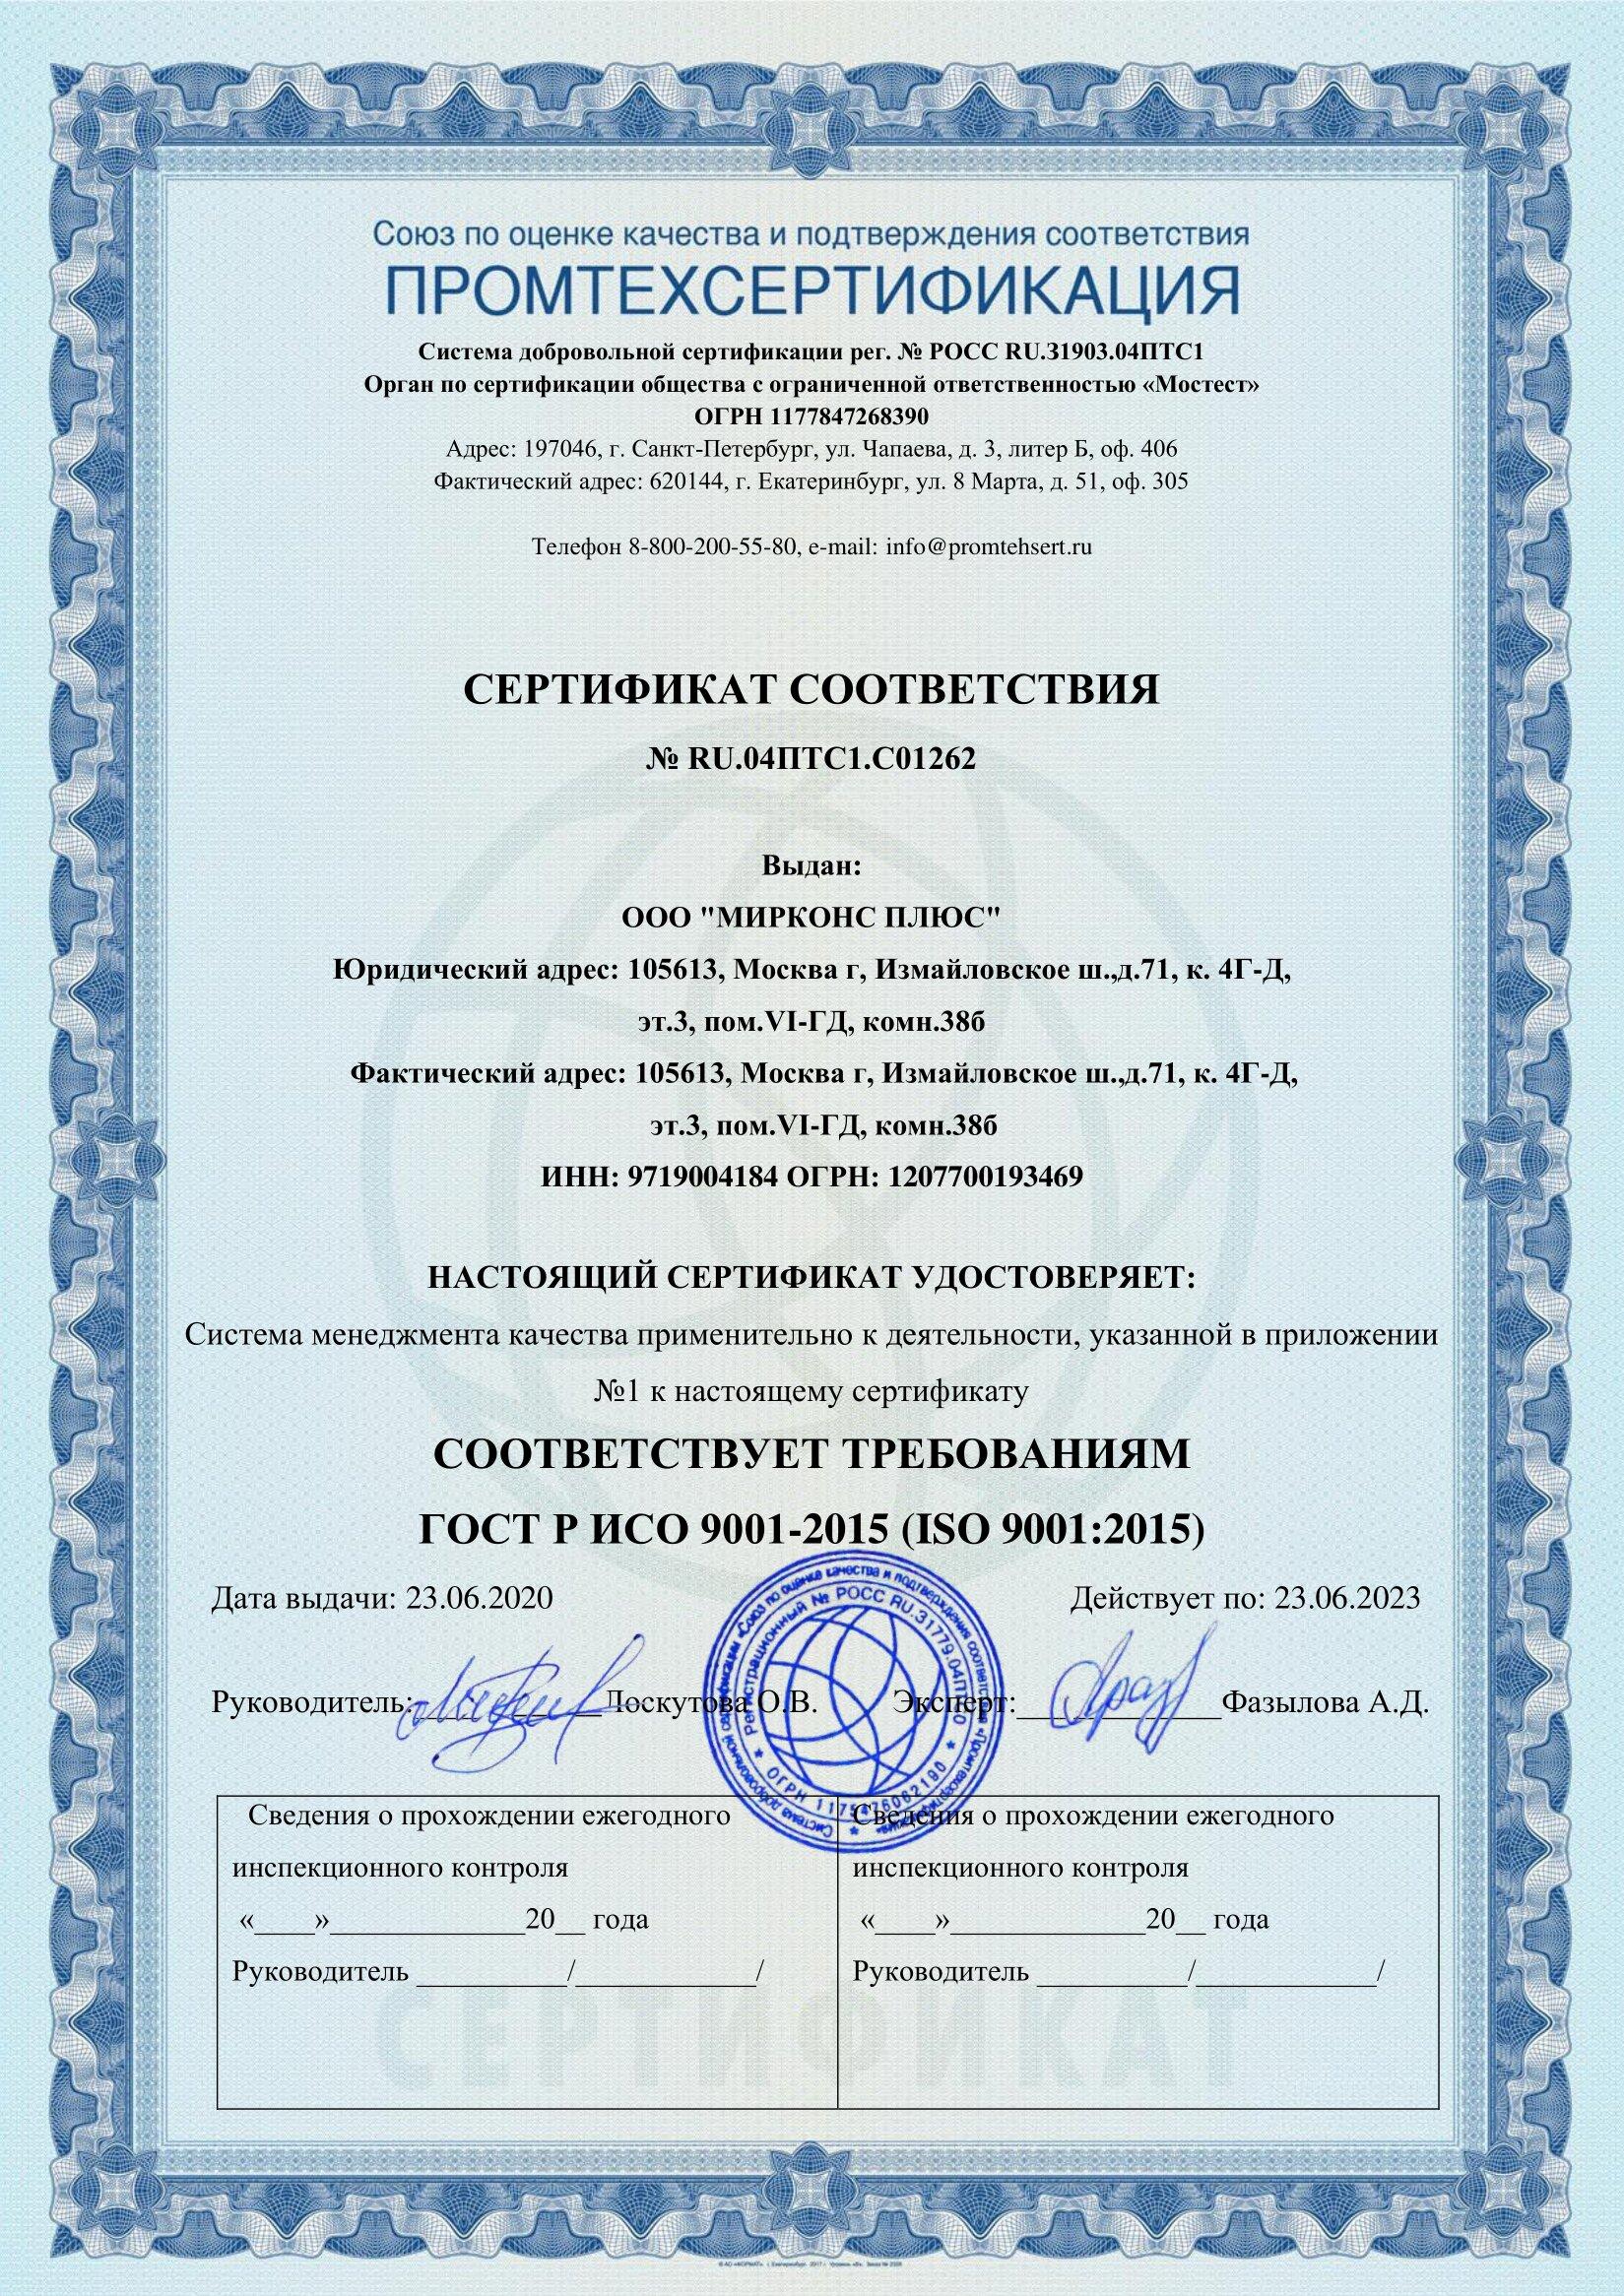 ГОСТ Р ИСО 9001-2015_0001